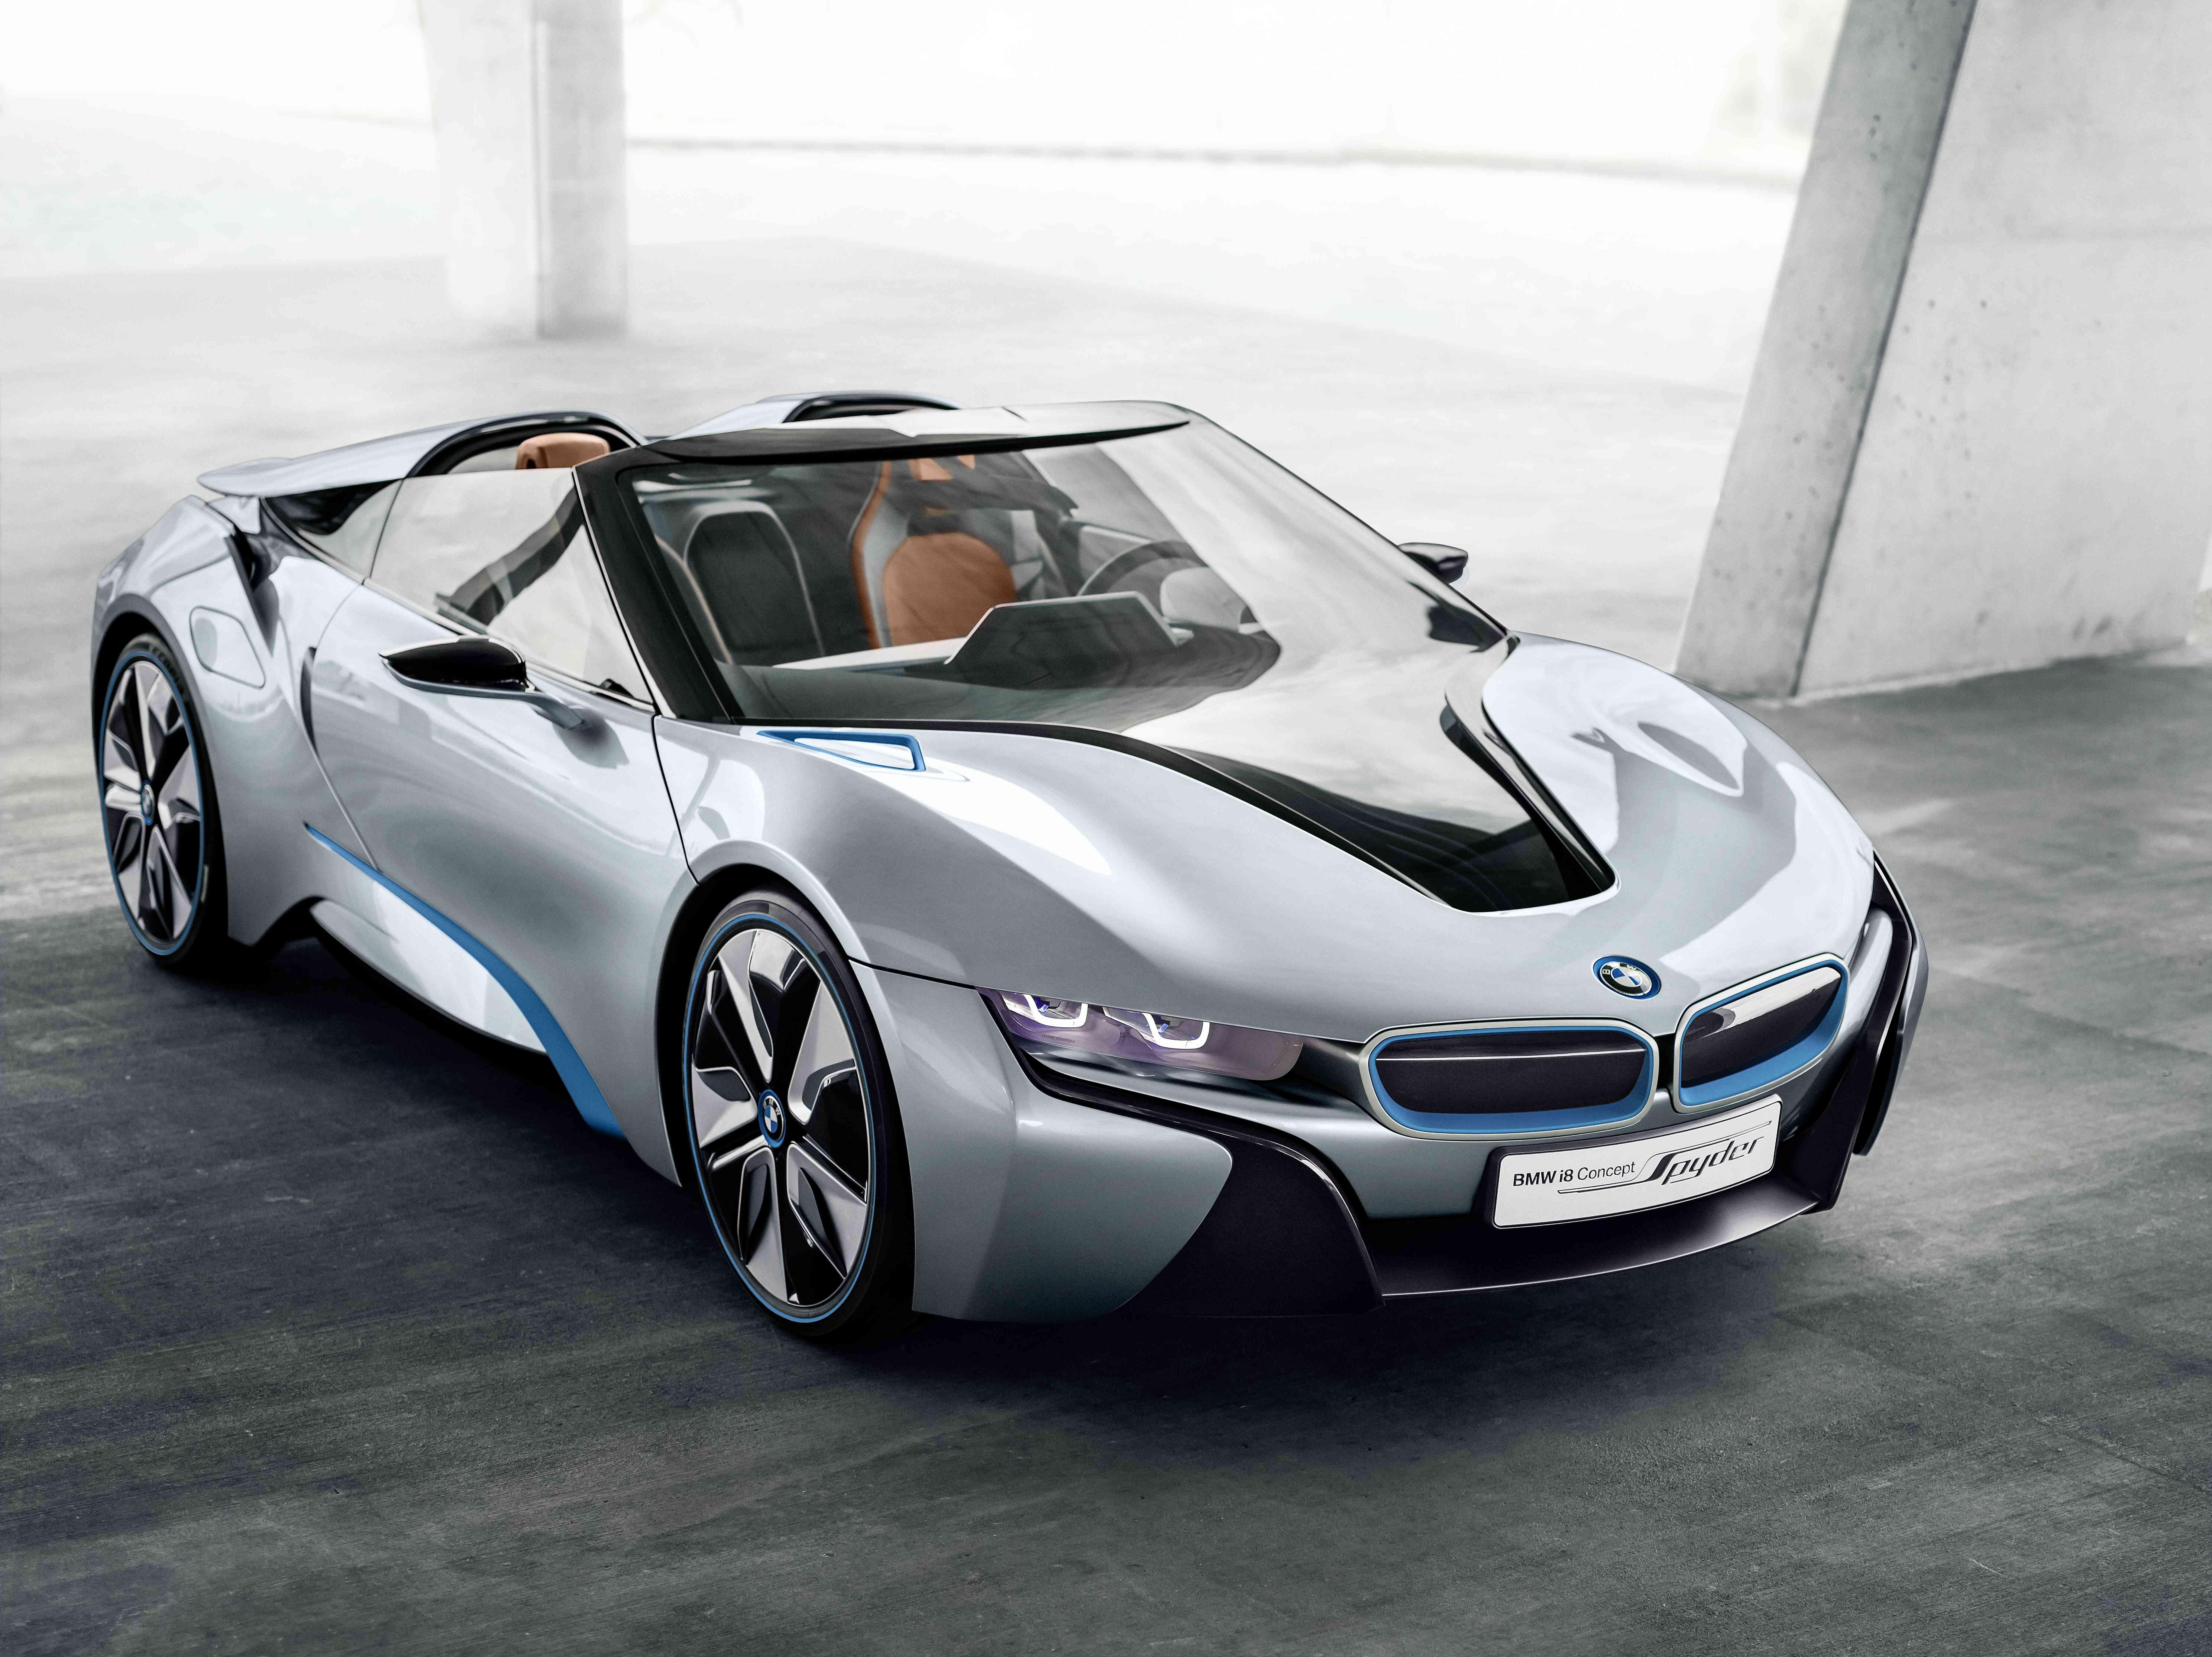 La BMW I8 Spyder